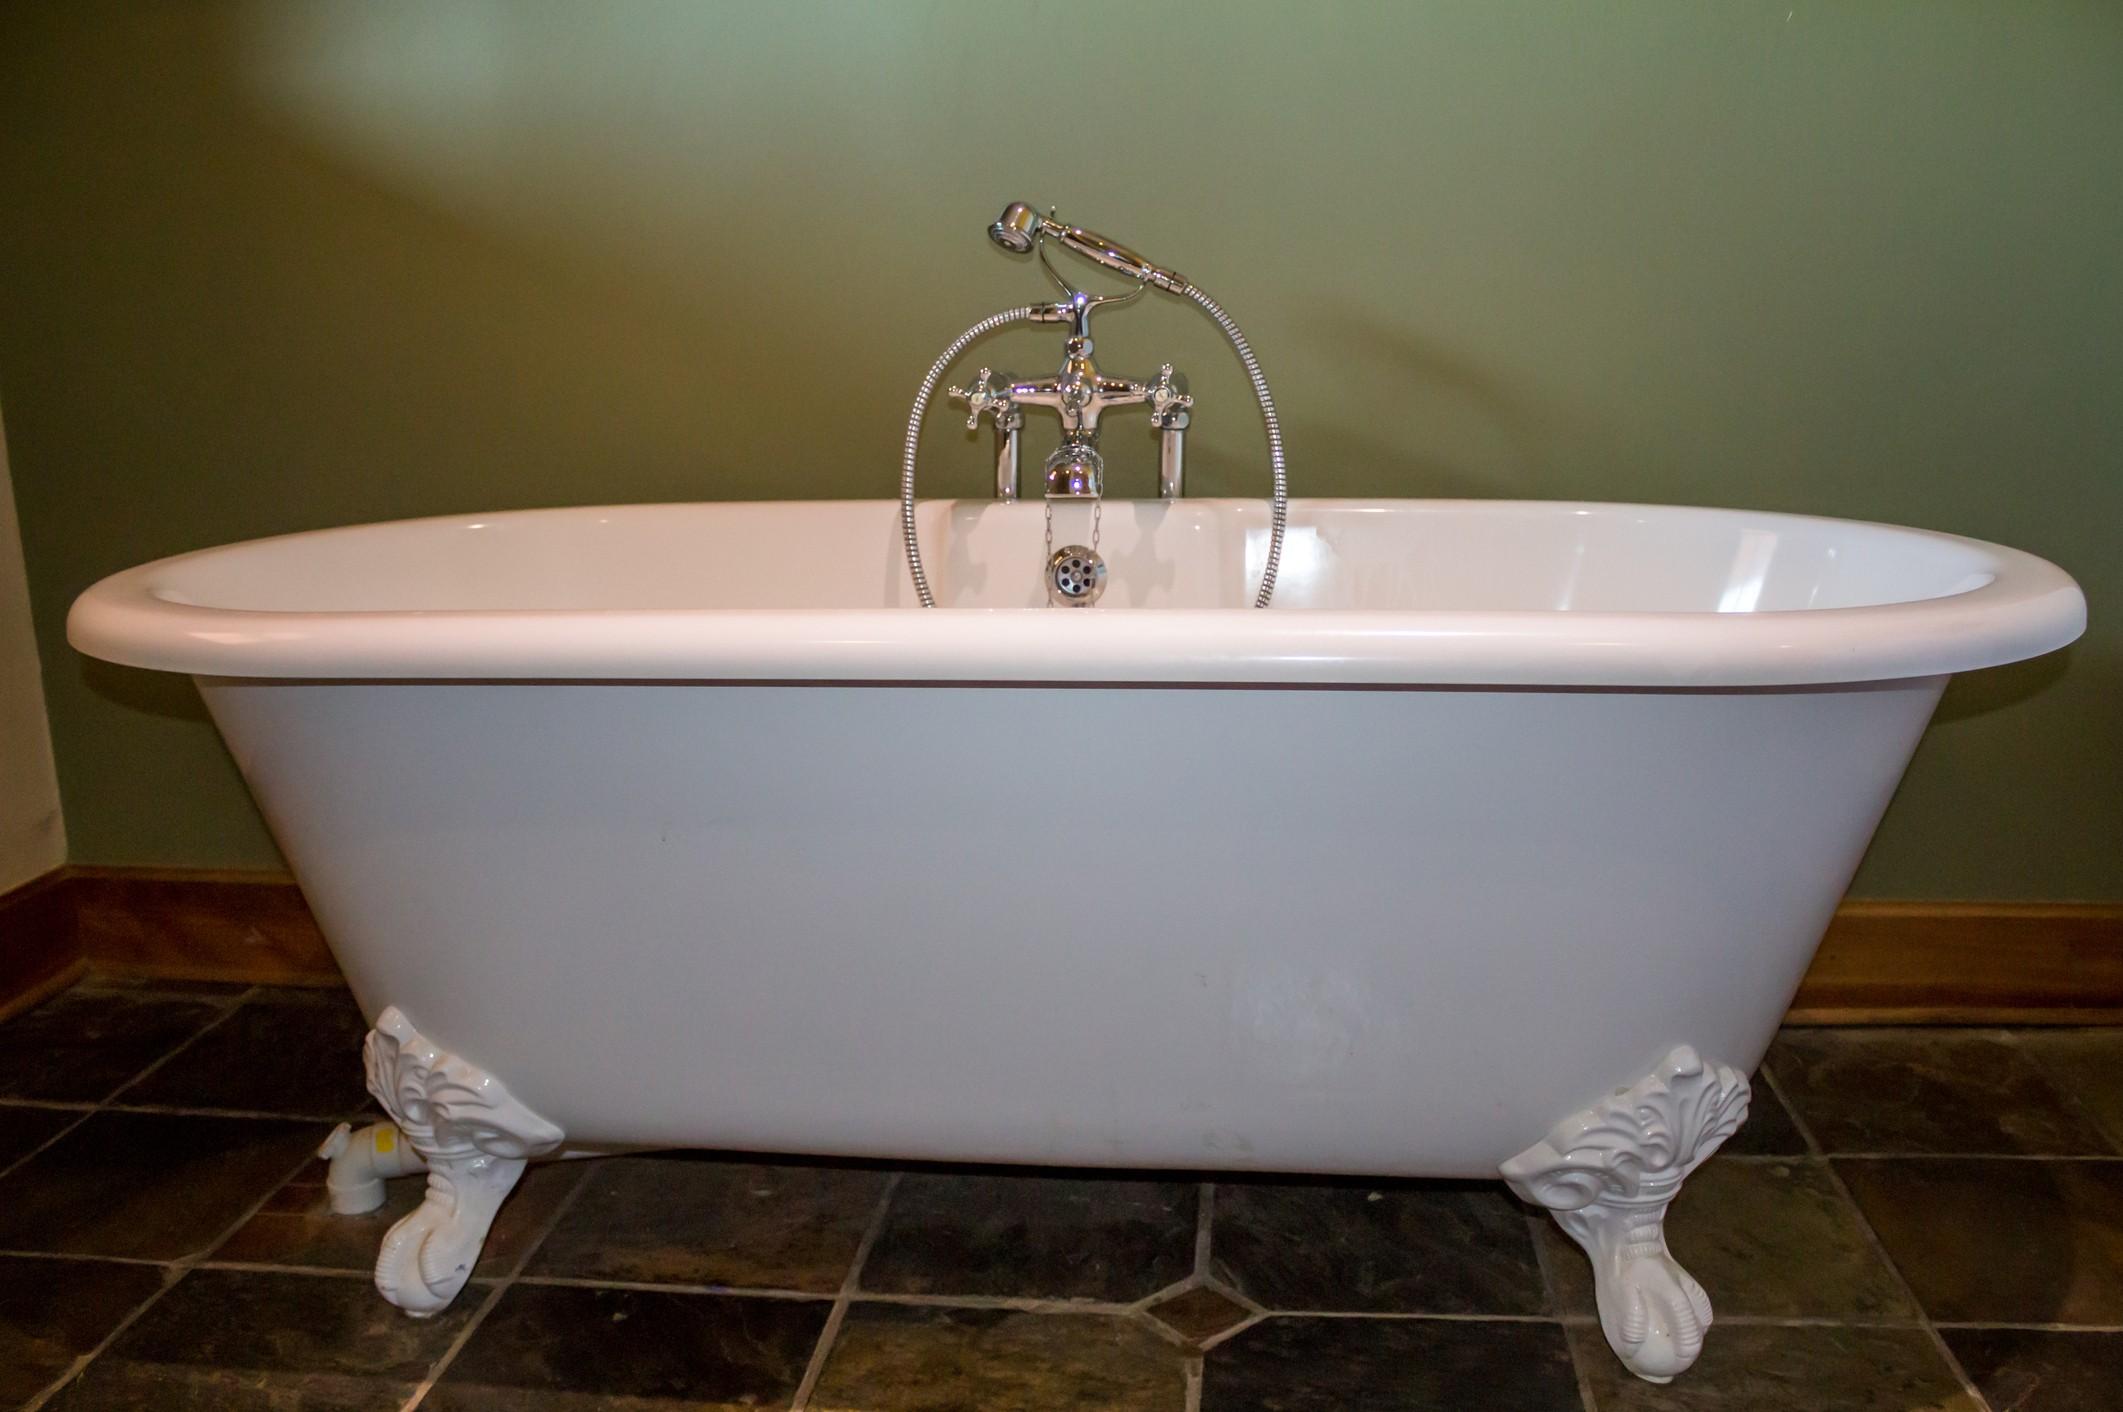 Claw foot bath tub in olive green bathroom